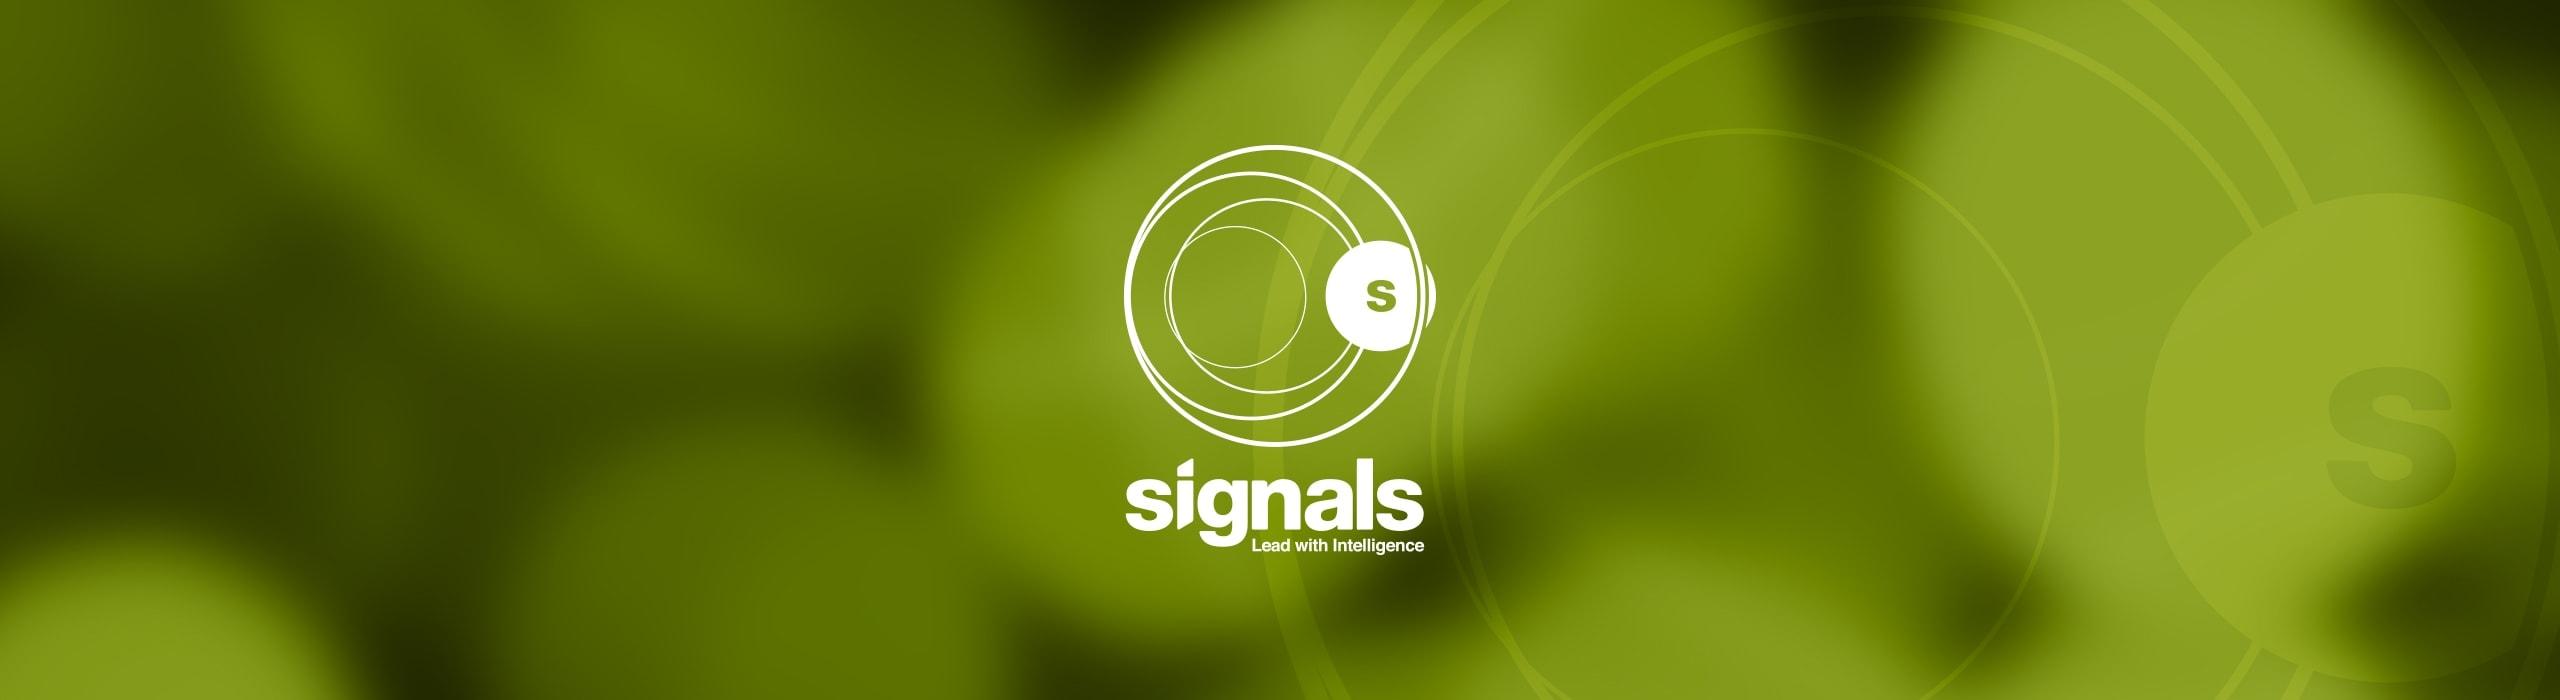 Signals - natie-signals-logo-banner - Natie Branding Agency